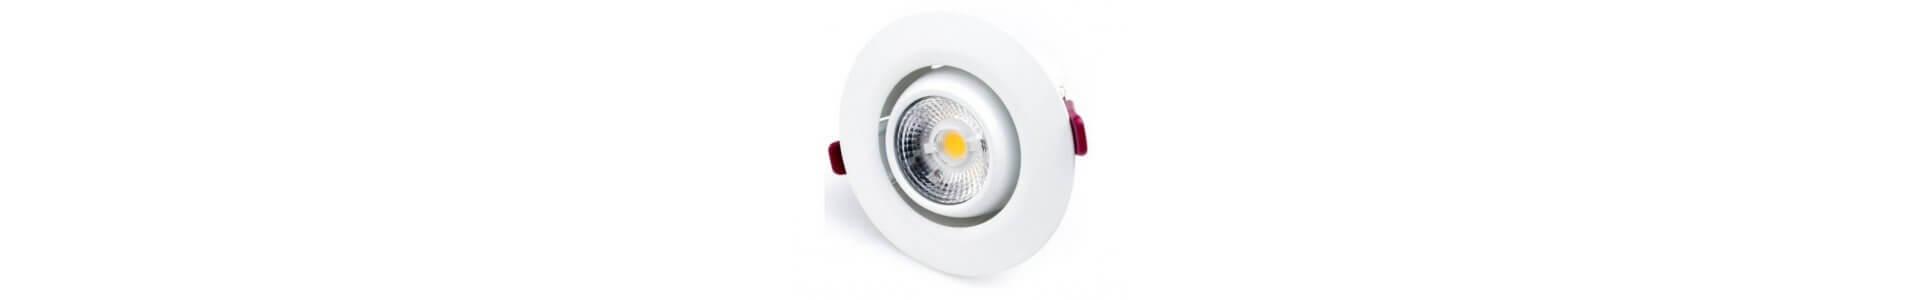 230V LED Spotlights